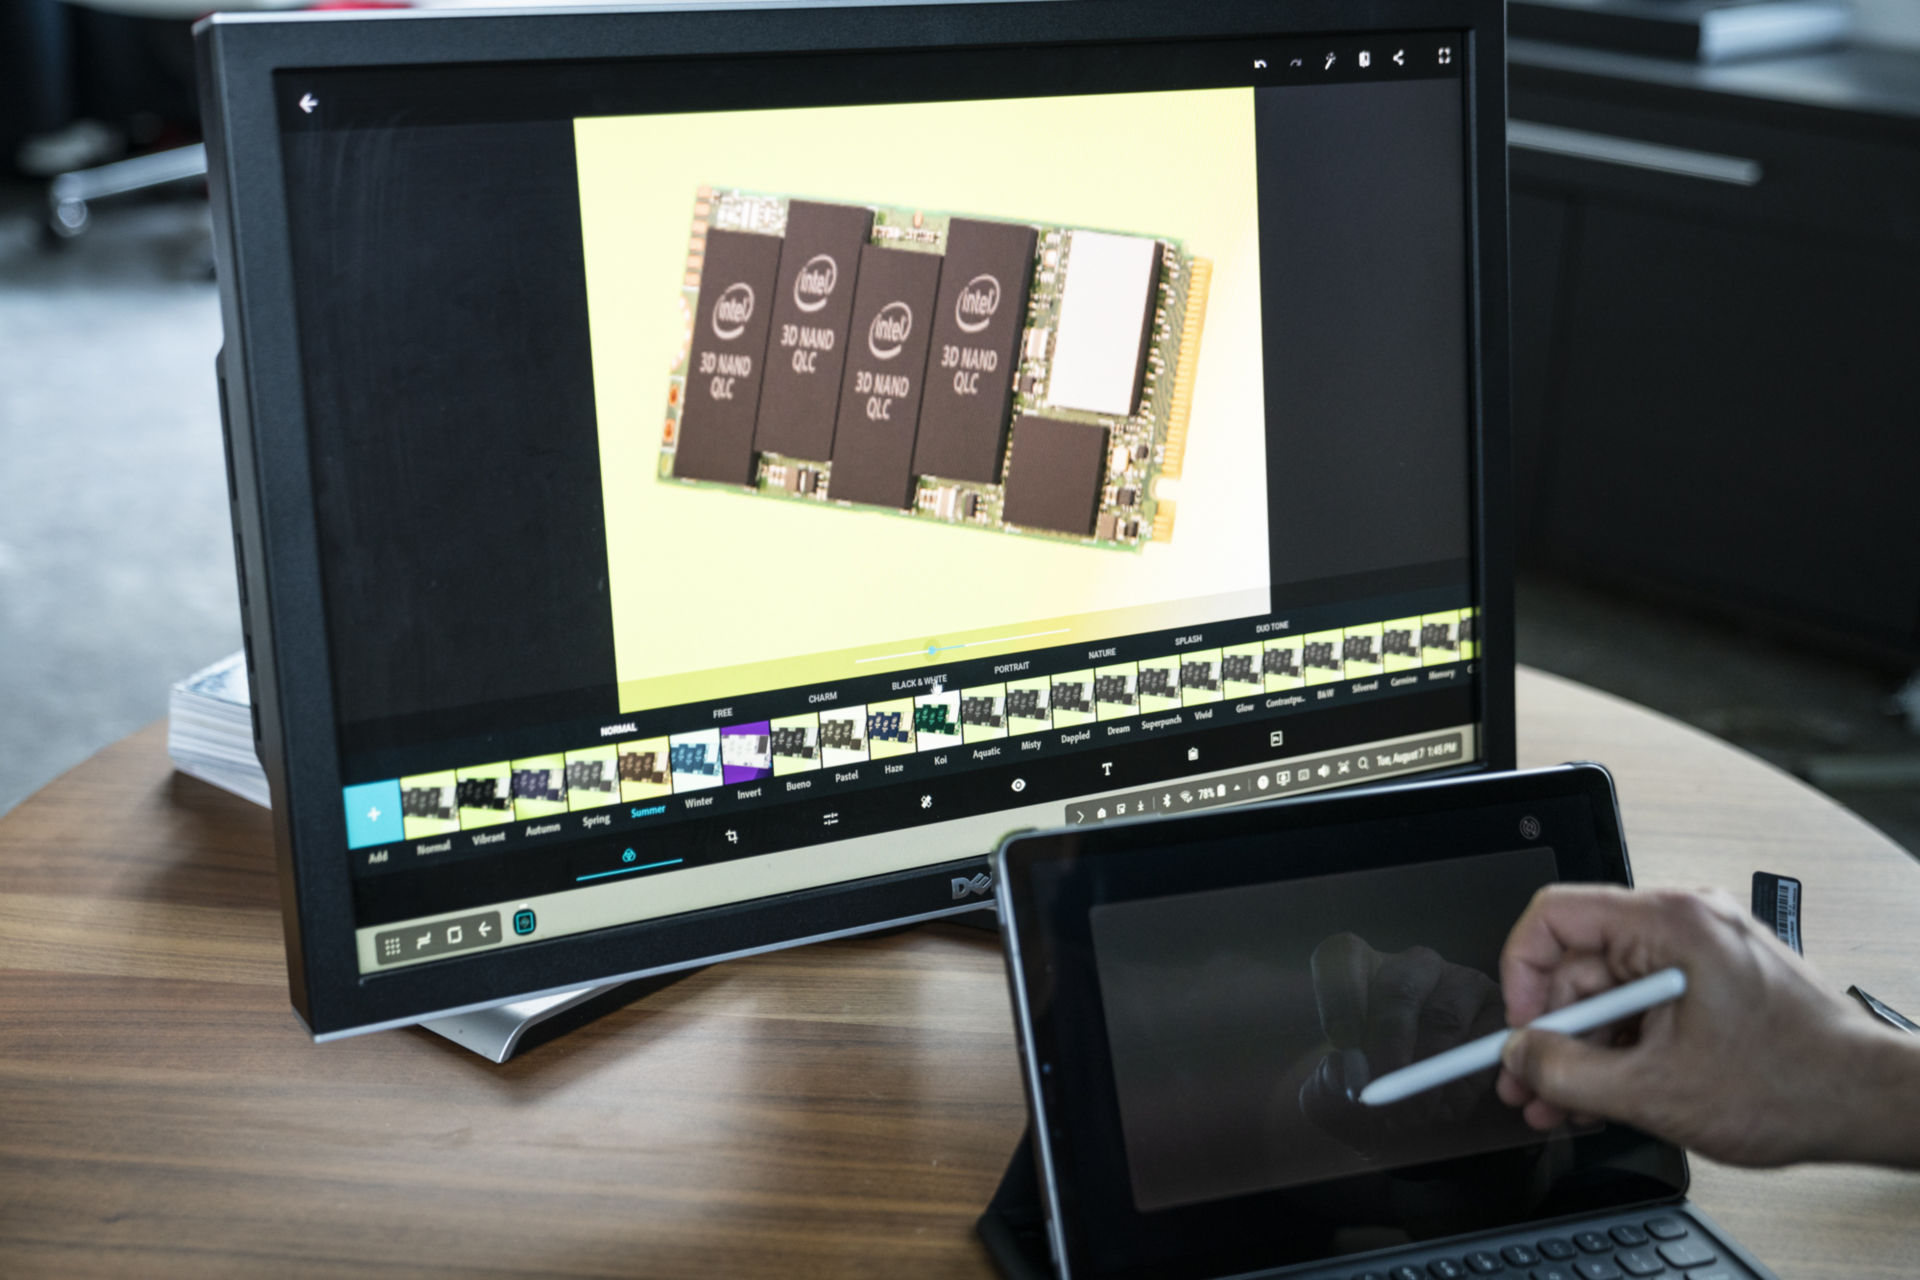 HDMI-USB 어댑터를 이용하면 대형 디스플레이에 연결할 수 있고, 태블릿 본체는 포인팅 장치로 사용할 수 있다.